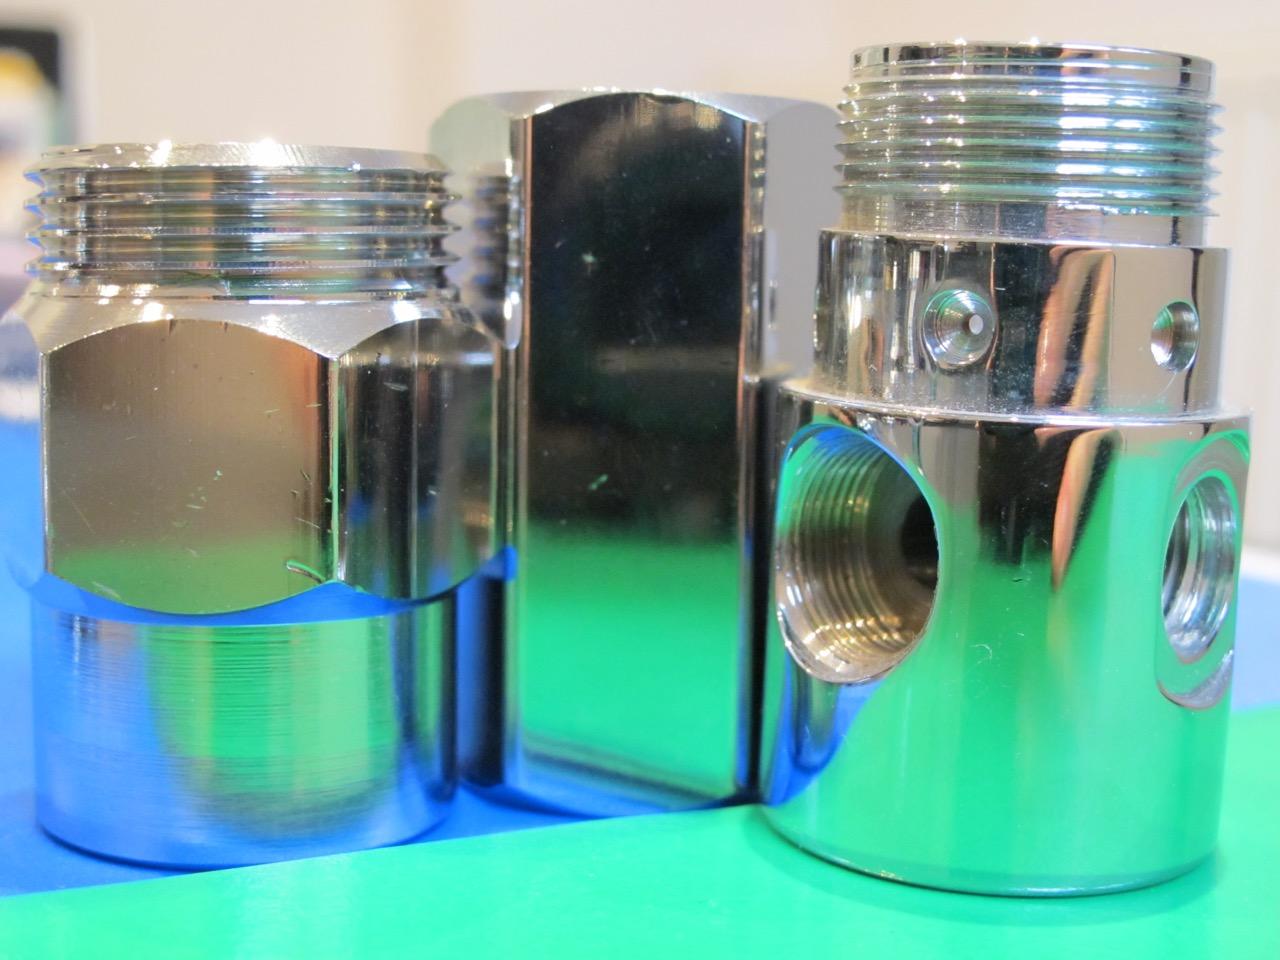 Niklowanie może się odbywać na wielu rodzajach powierzchni